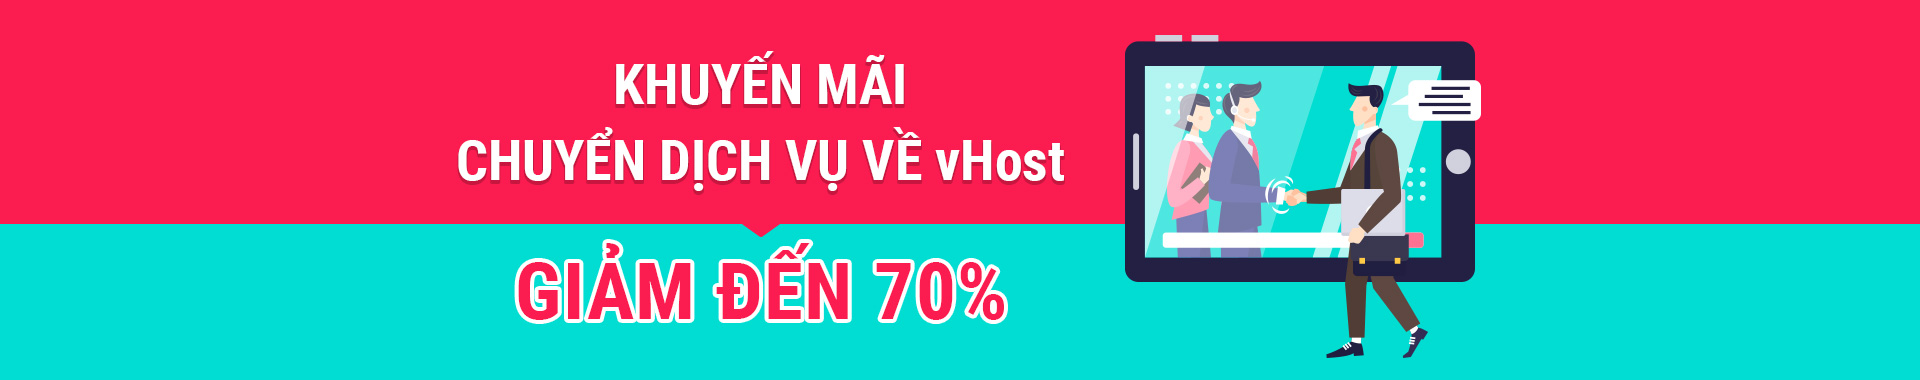 chuyen-dich-vu-ve-vHost